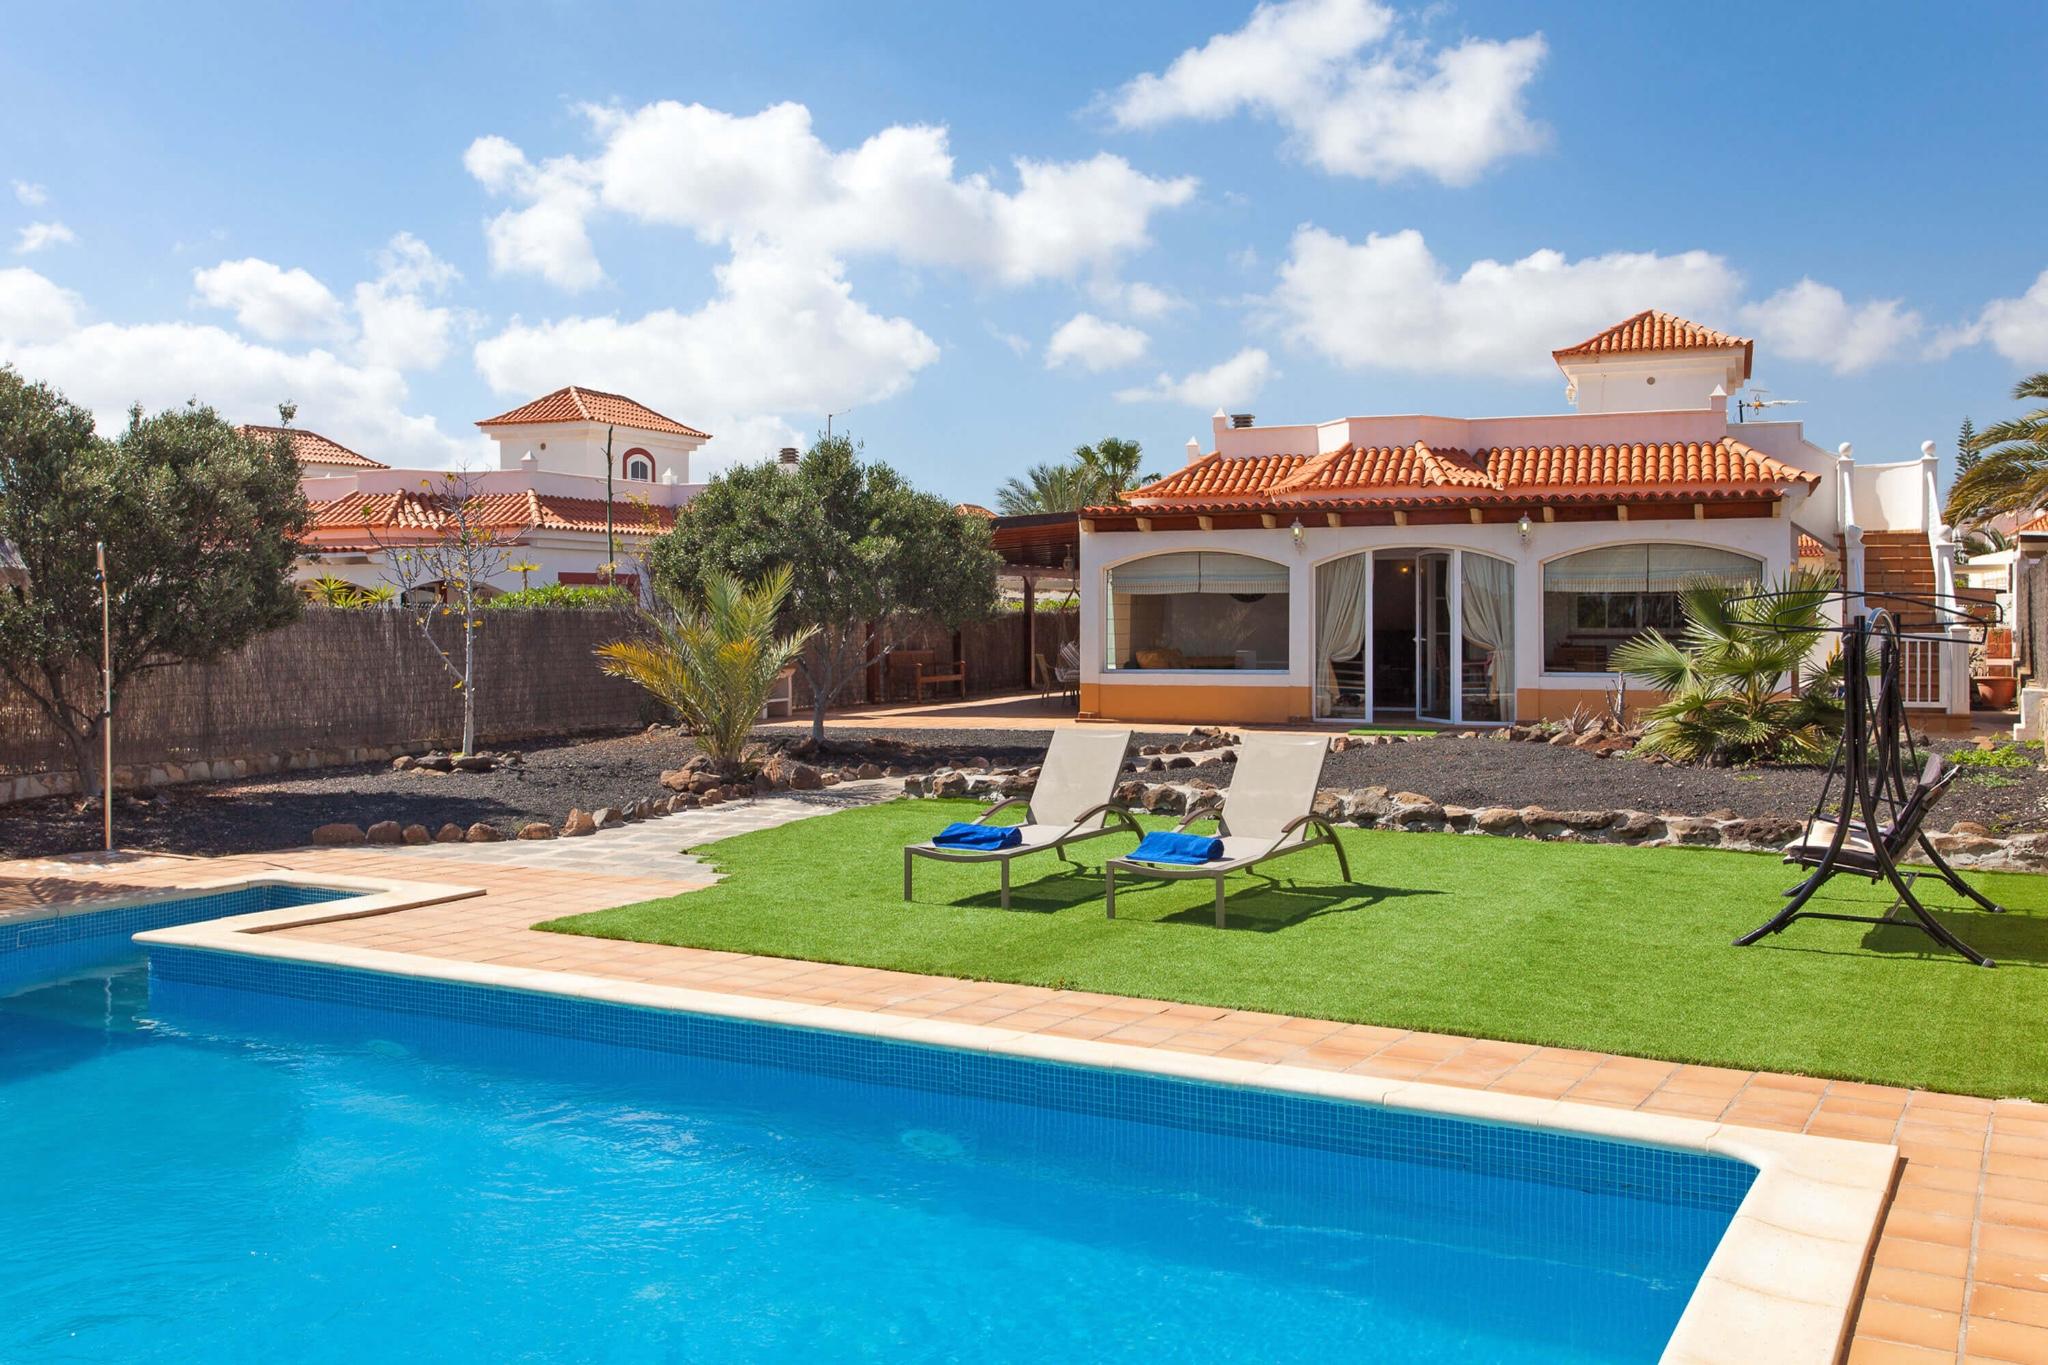 Geräumige und schöne Villa mit 4 Schlafzimmern und Privatpool nahe des Golfplatzes Fuerteventura Golf Club